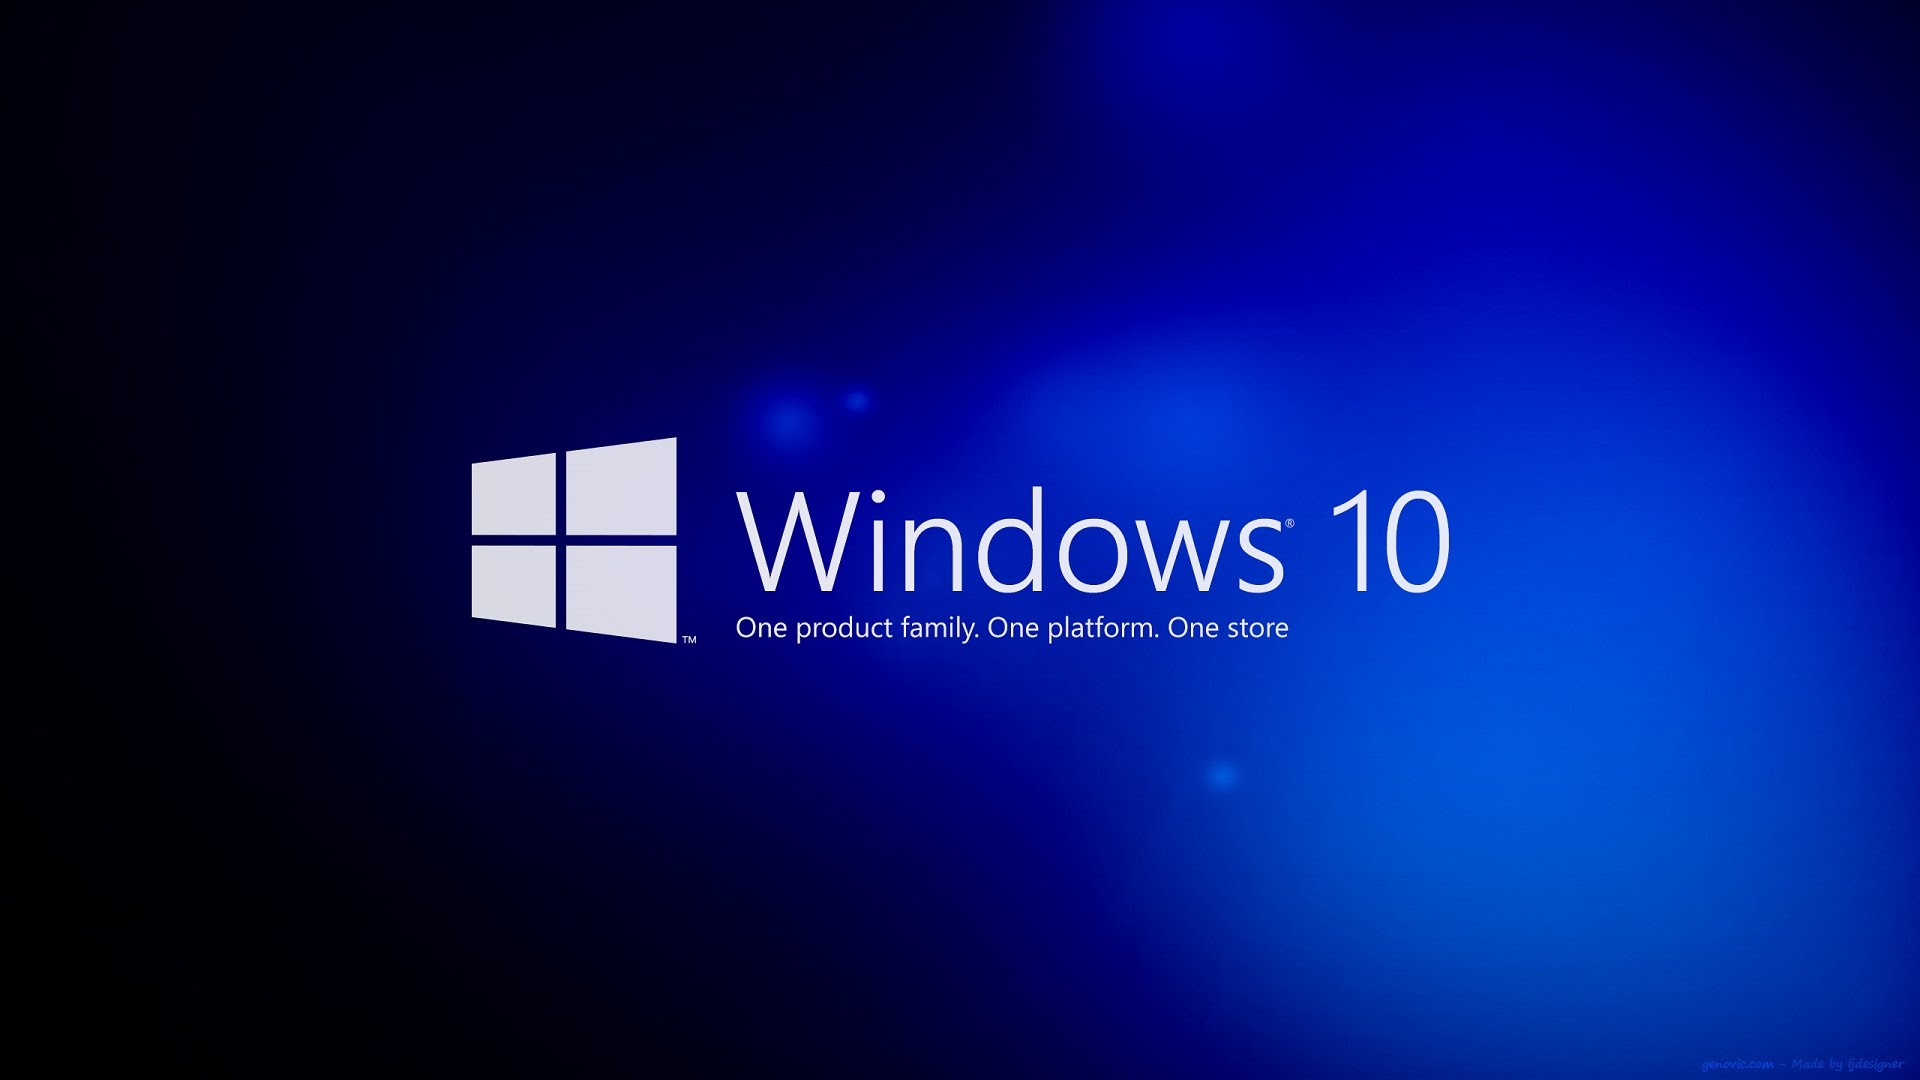 Скачать windows 10 последнюю версию с официального сайта microsoft